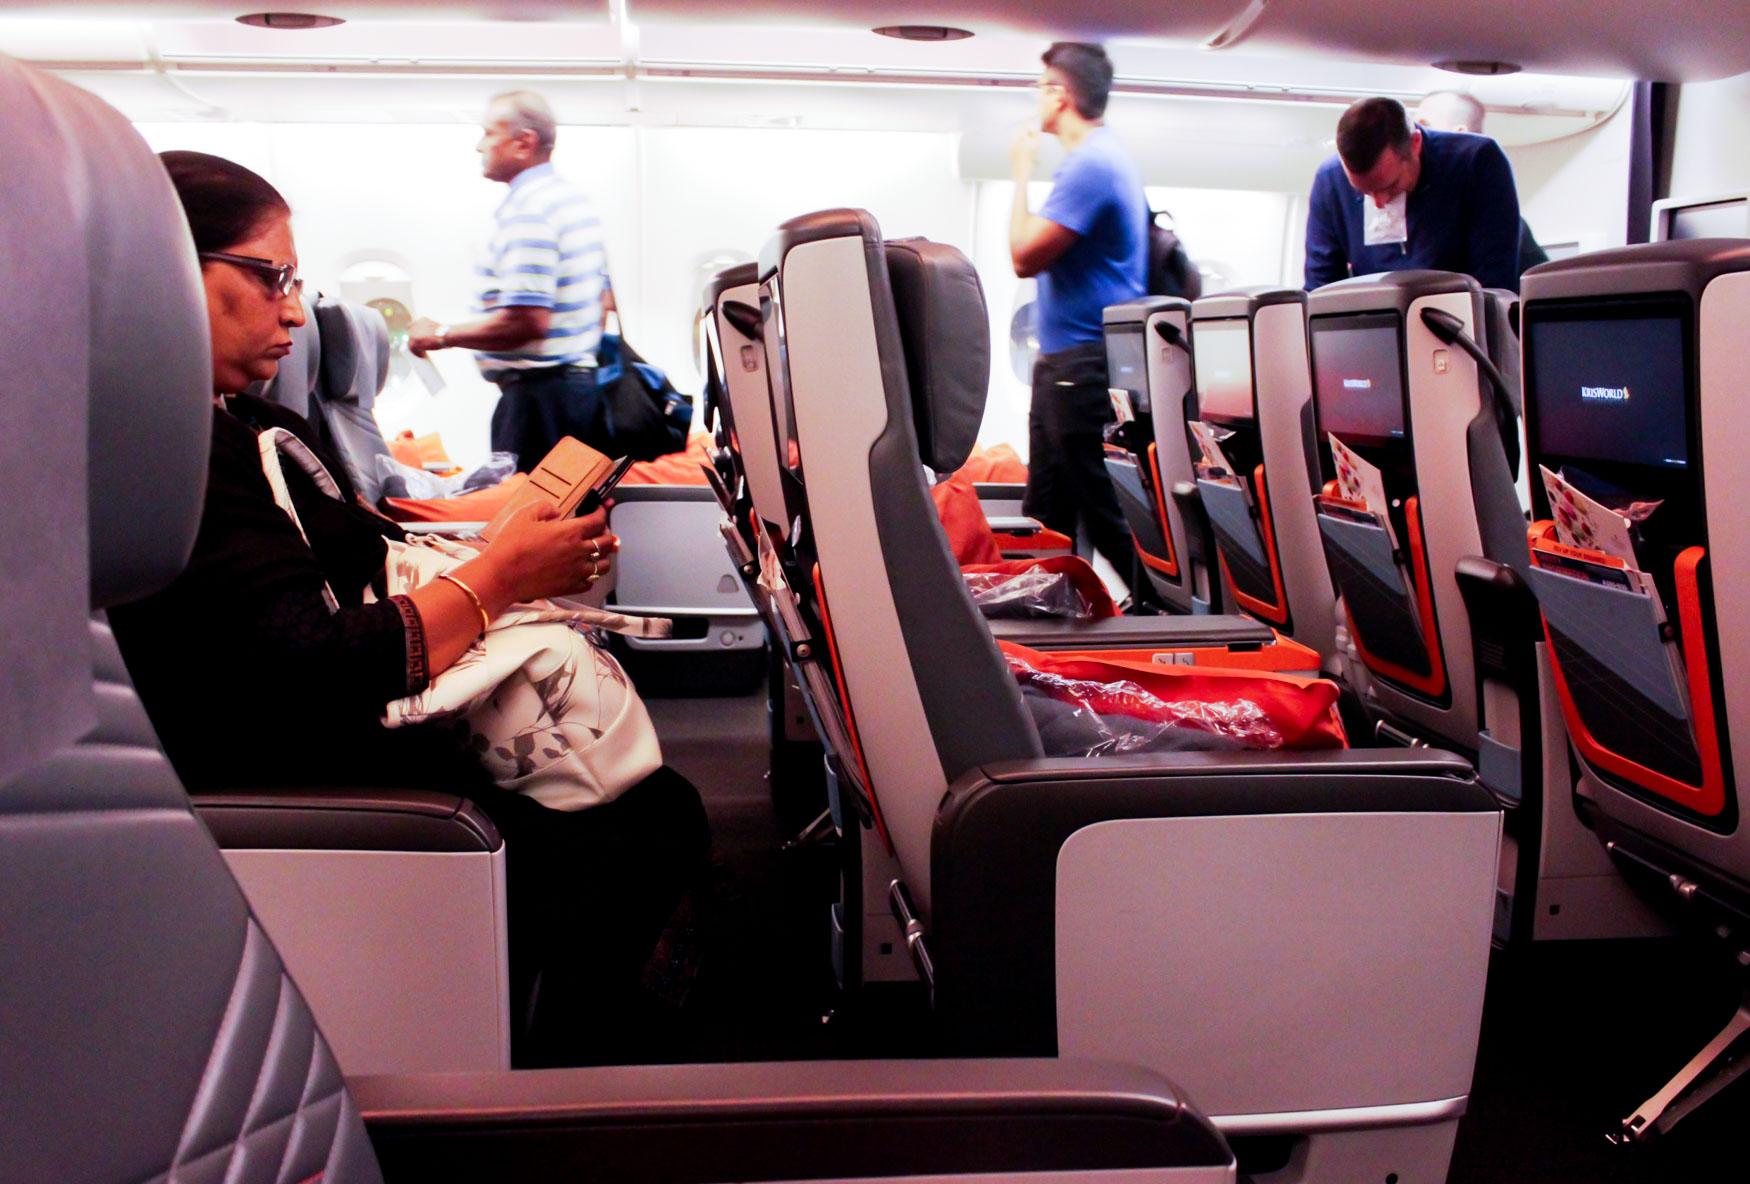 Singapore Airlines Premium Economy Class